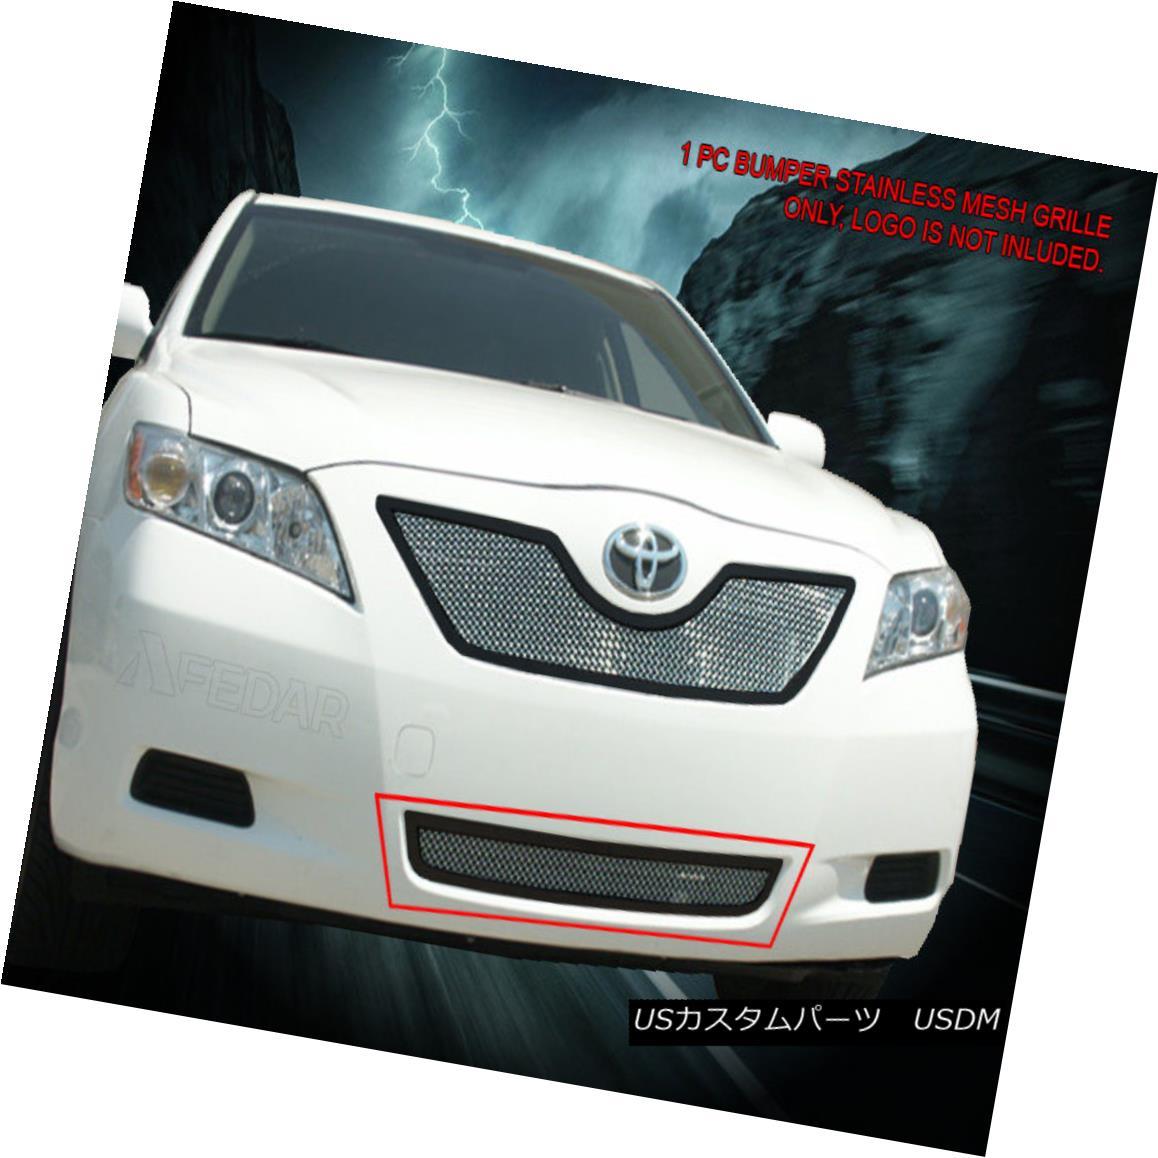 グリル 07-09 Toyota Camry Stainless Black Frame Chrome Mesh Grille Bumper Insert Fedar 07-09トヨタカムリステンレスブラックフレームクロームメッシュグリルバンパーインサートフェルダー